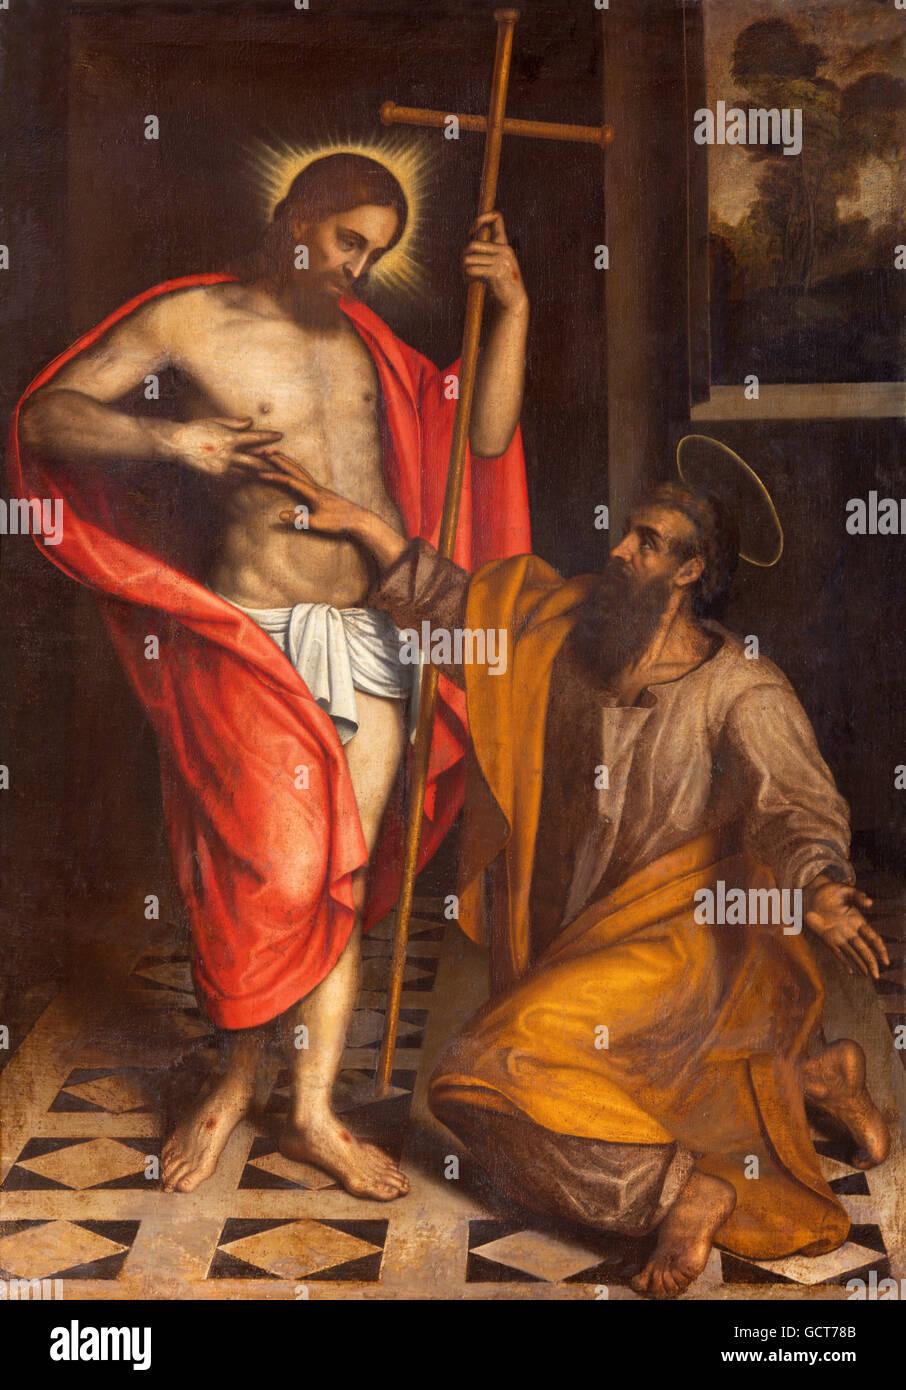 BRESCIA, Italia - 22 de mayo de 2016: pintura de la duda de Santo Tomás en la iglesia Chiesa di San Faustino Imagen De Stock